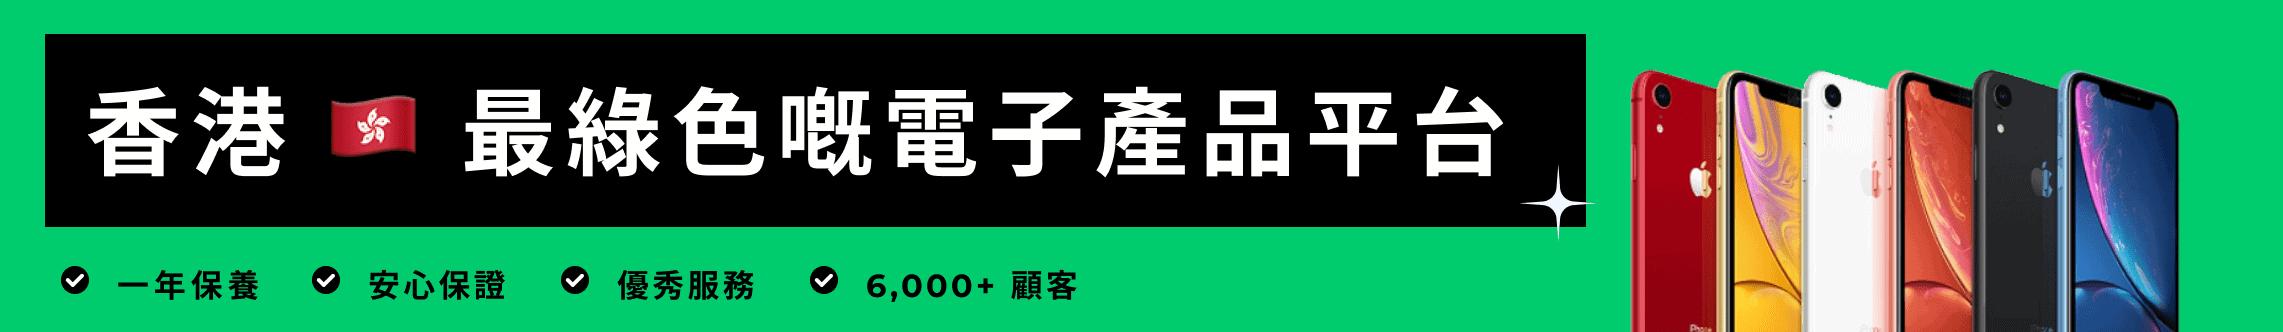 Ola Tech 香港最綠色嘅電子產品平台